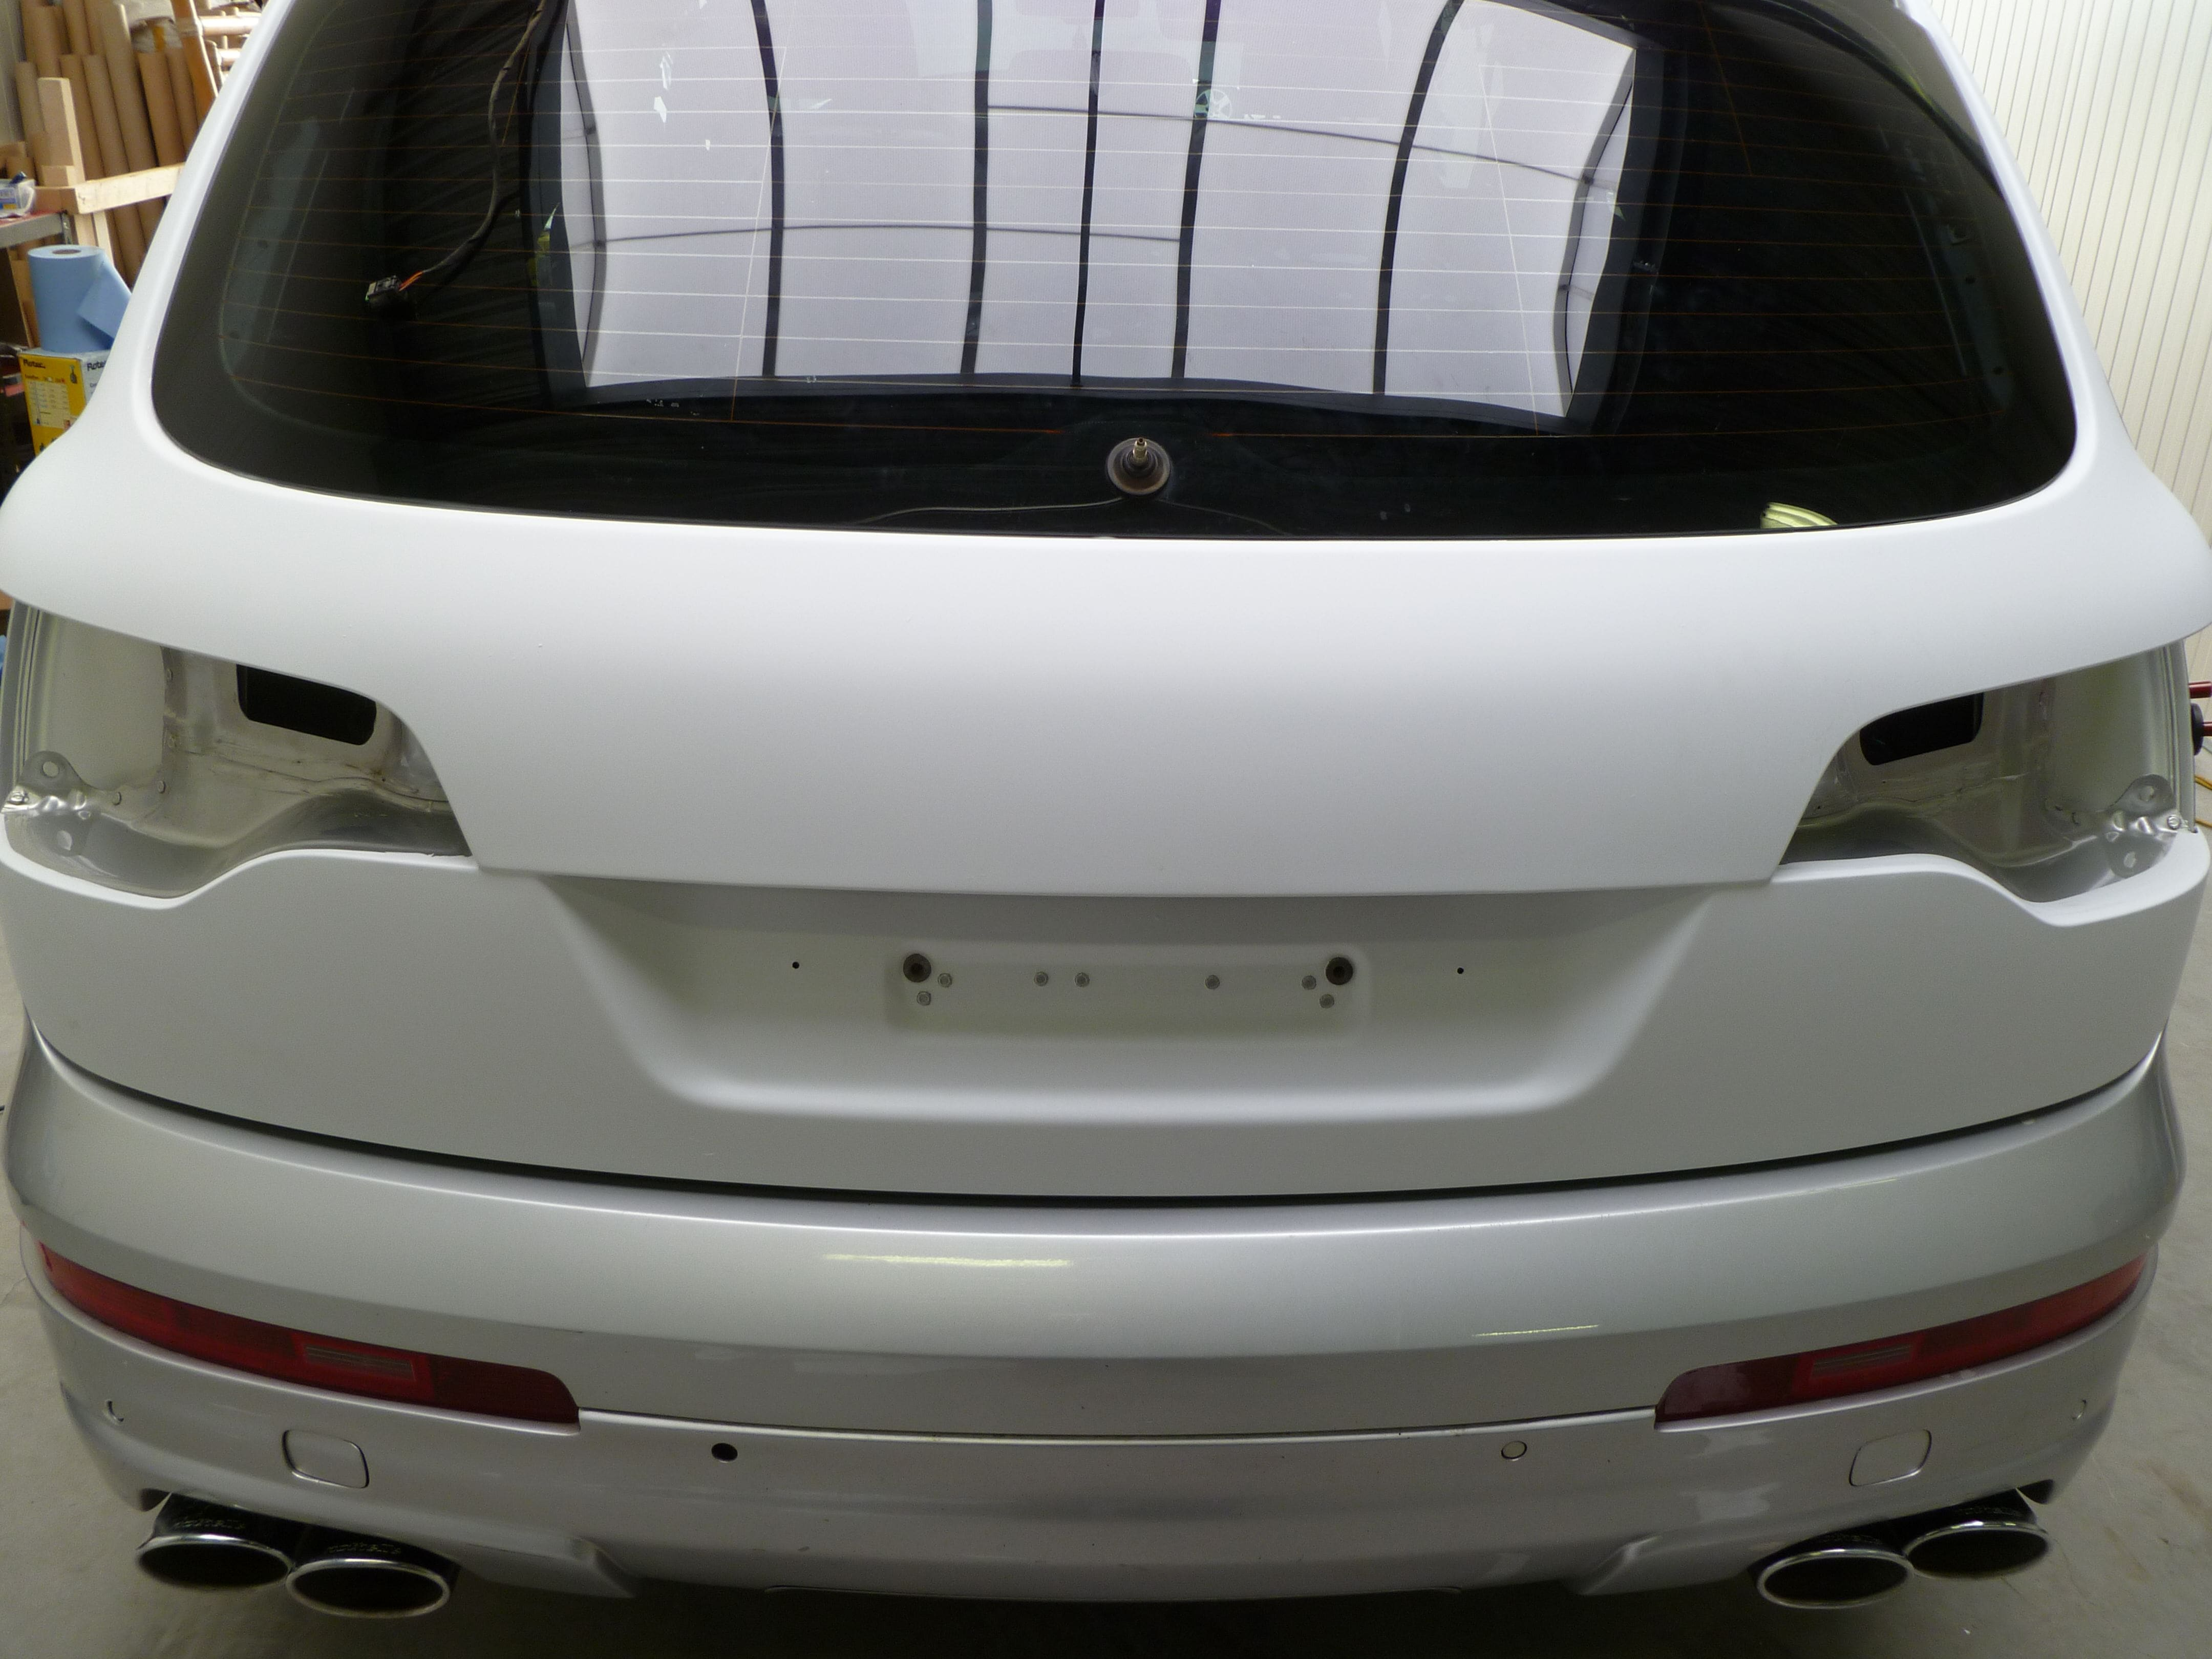 Audi Q7 met Mat Witte Wrap, Carwrapping door Wrapmyride.nu Foto-nr:4981, ©2021